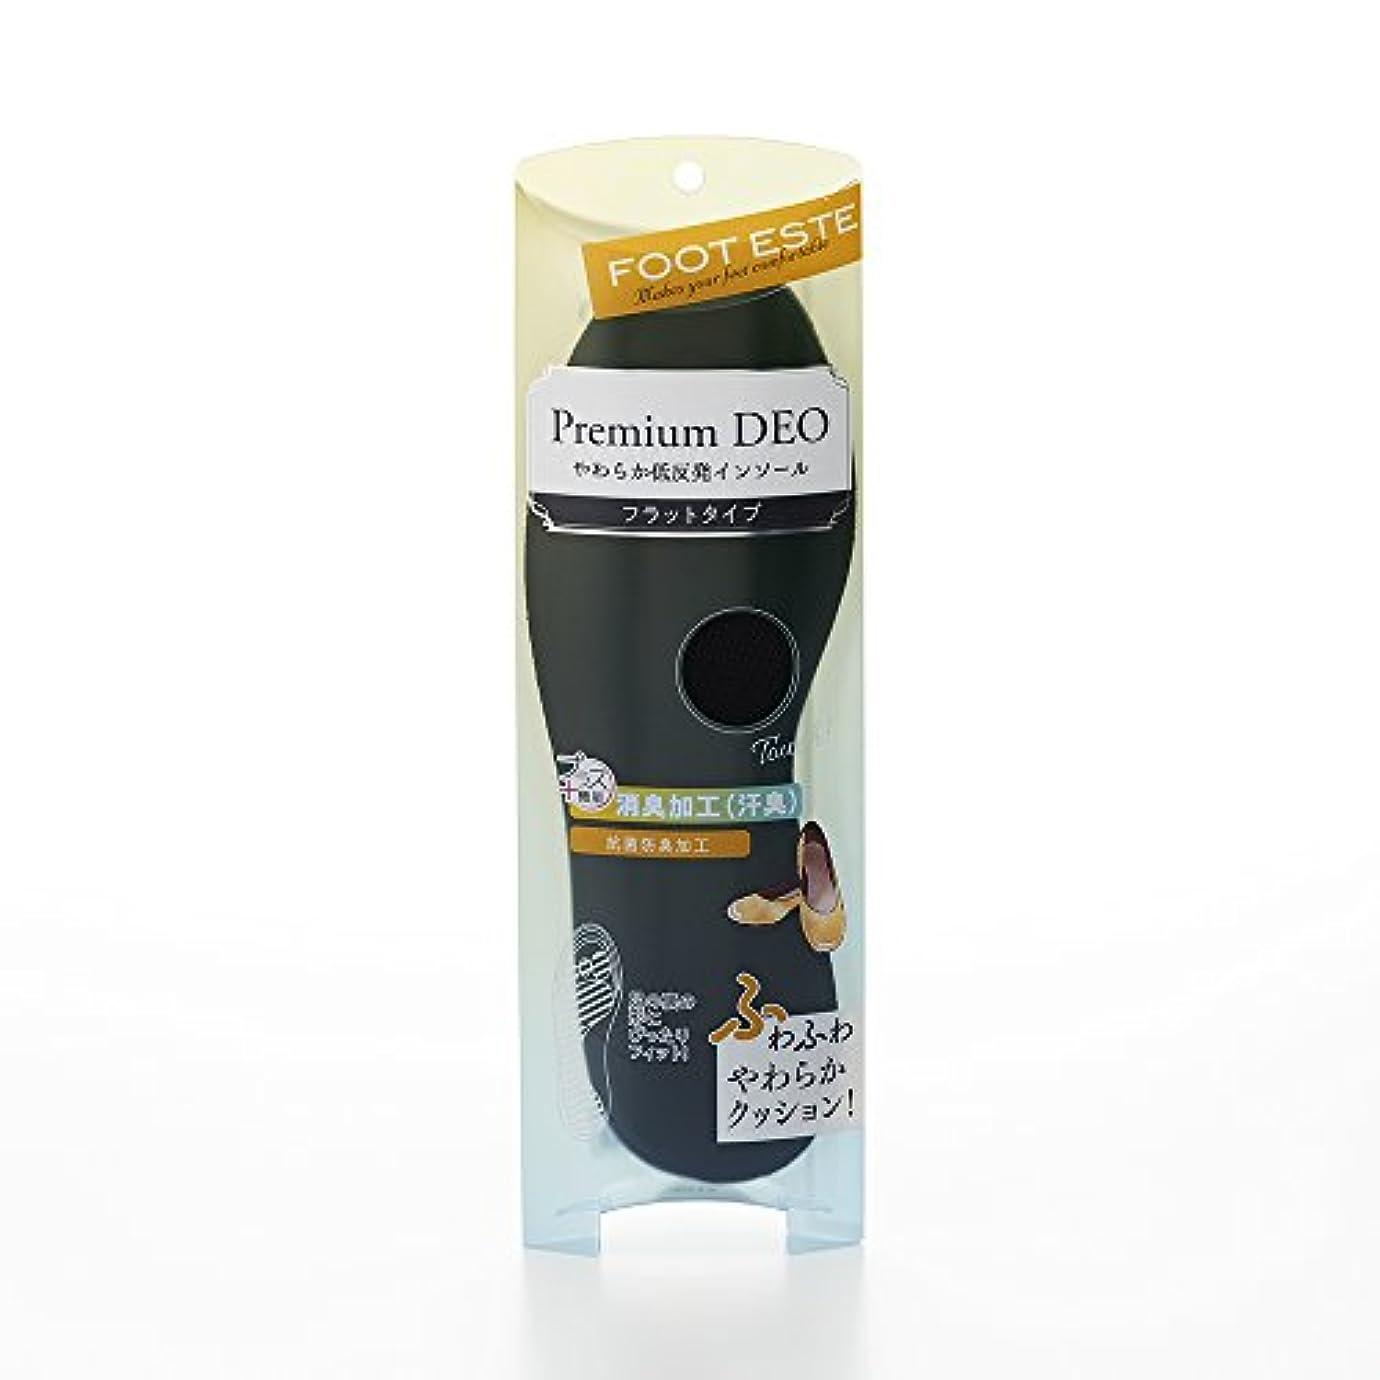 フットエステ Premium DEO プレミアムデオ やわらか低反発インソール フラットタイプ 【消臭 抗菌防臭】